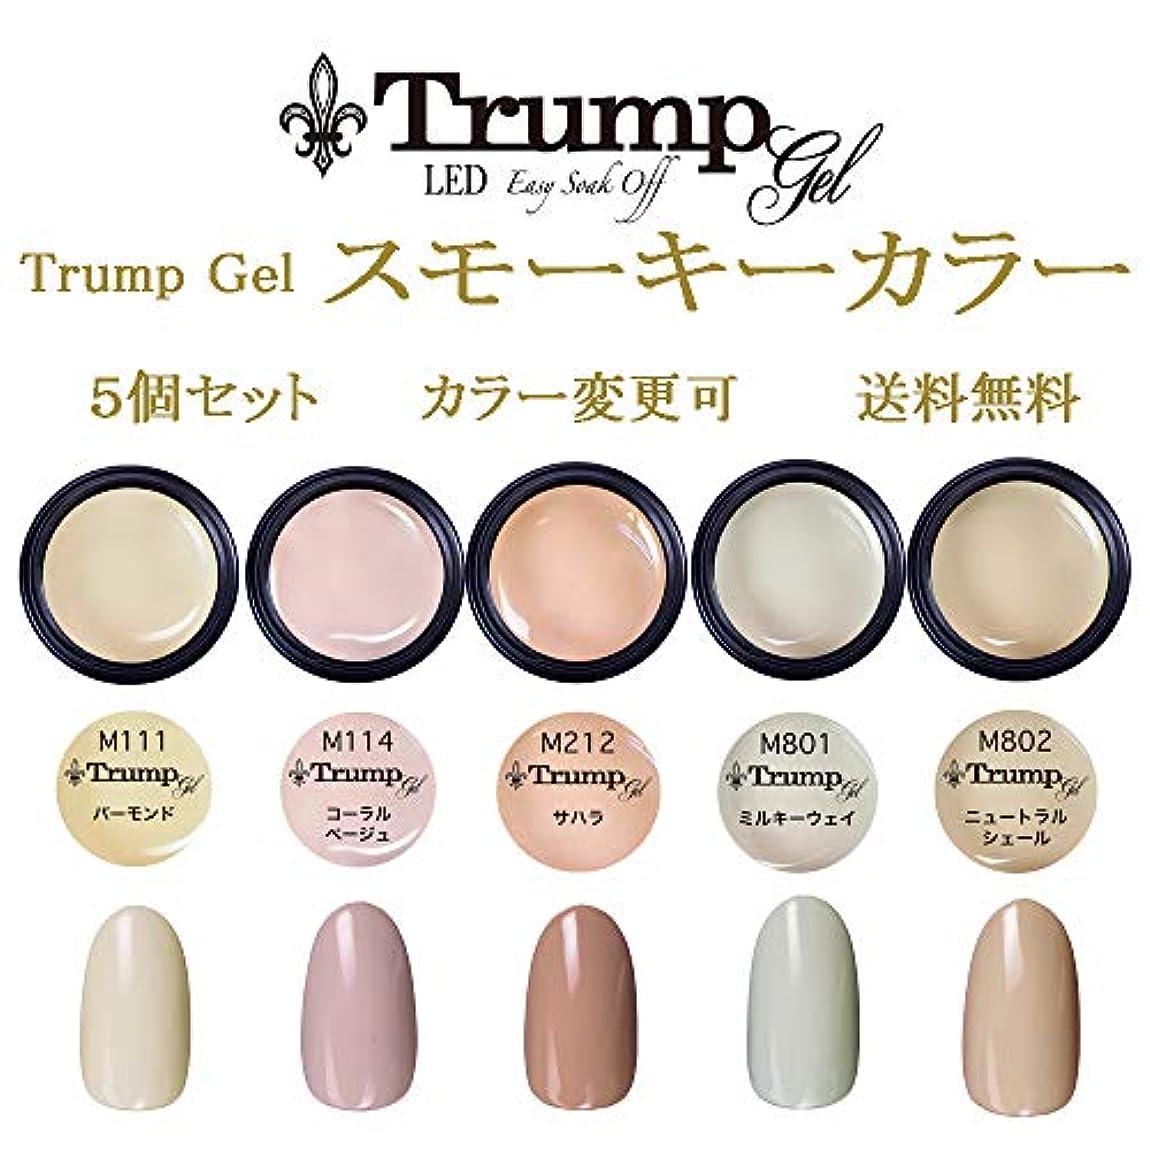 原始的な光景マーキー日本製 Trump gel トランプジェル スモーキーカラー 選べる カラージェル 5個セット スモーク ベージュ グレー ブラウン ピンク